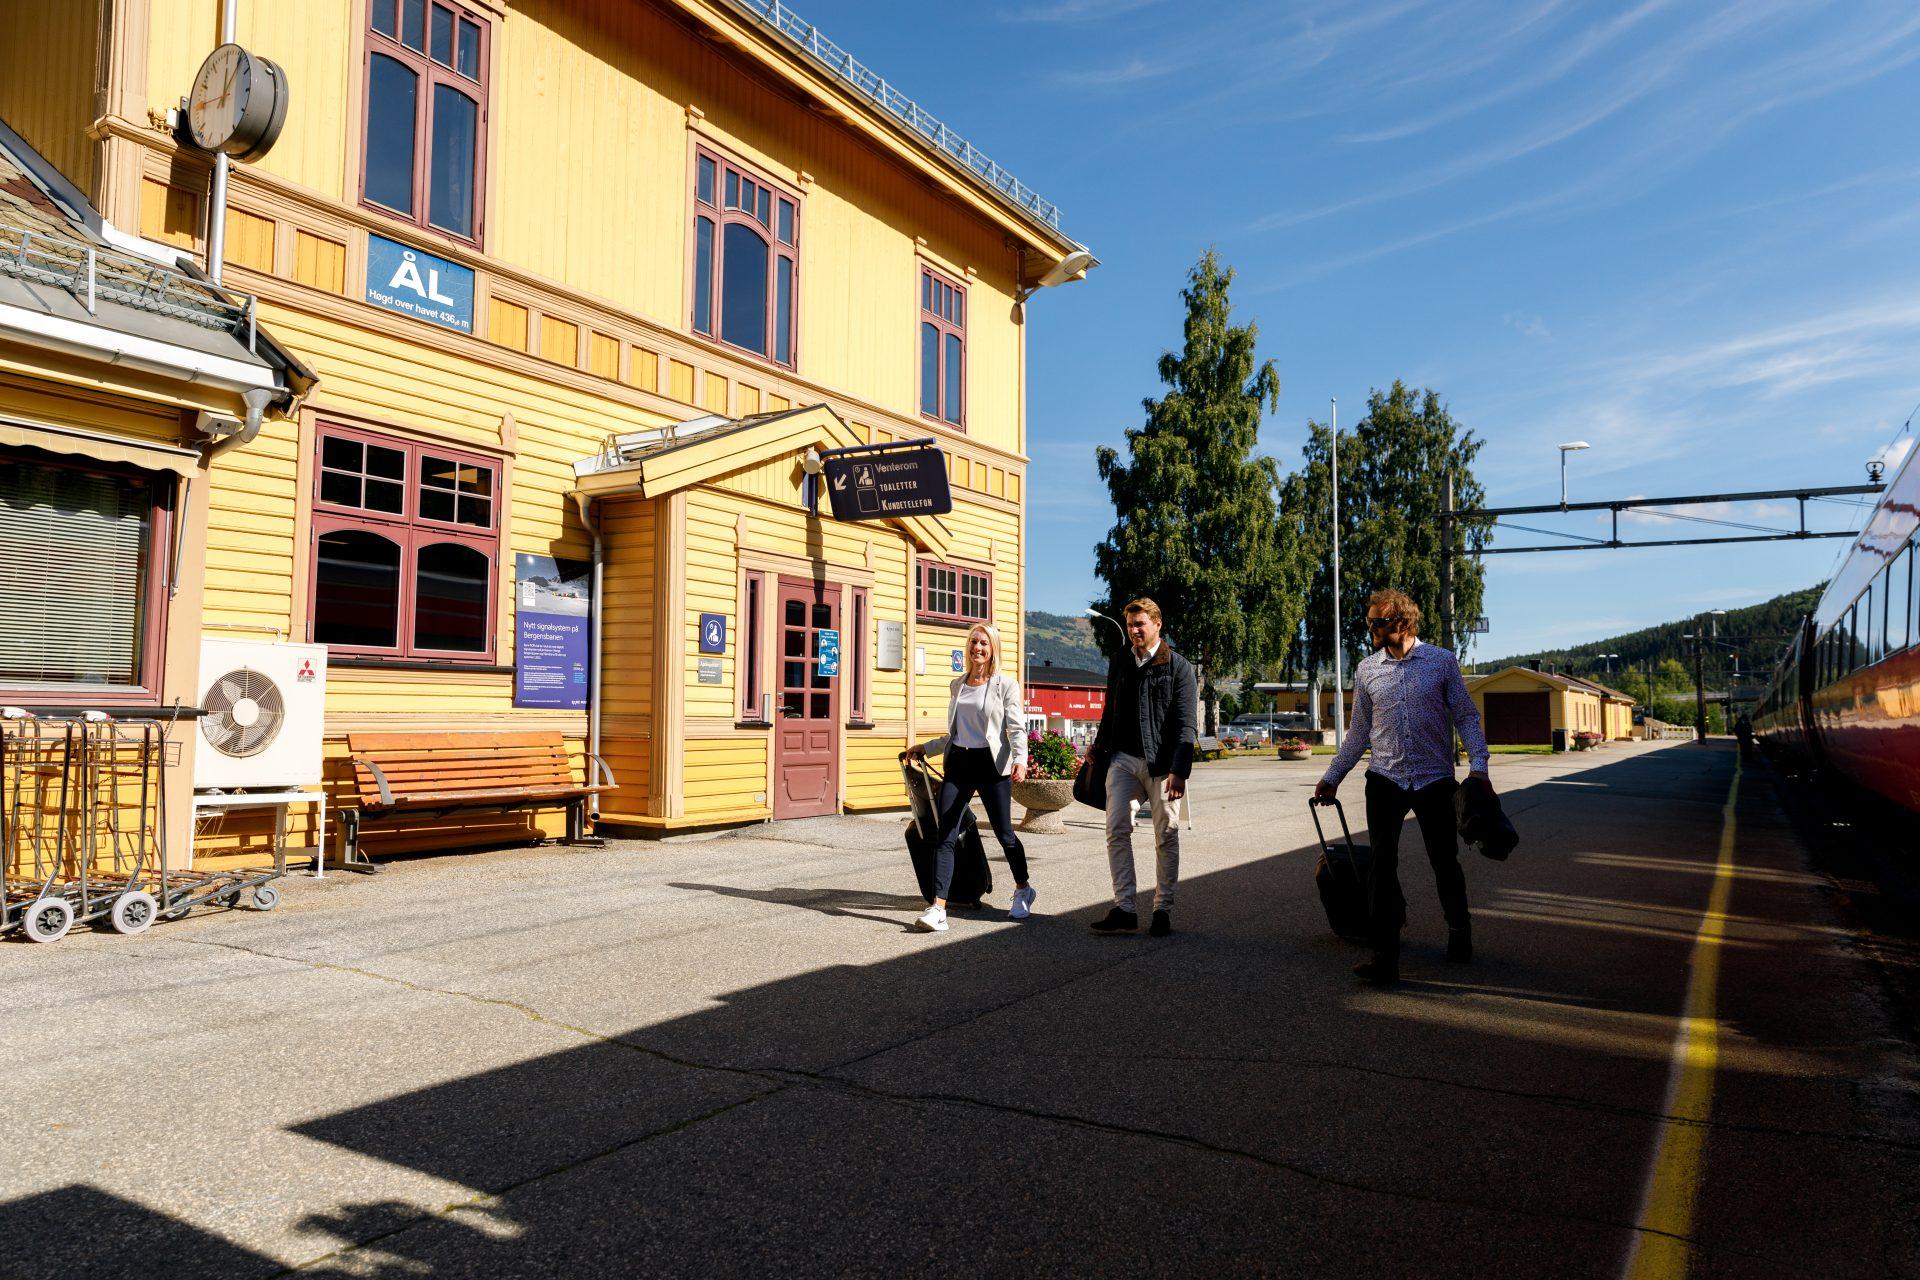 Med tog til Ål stasjon